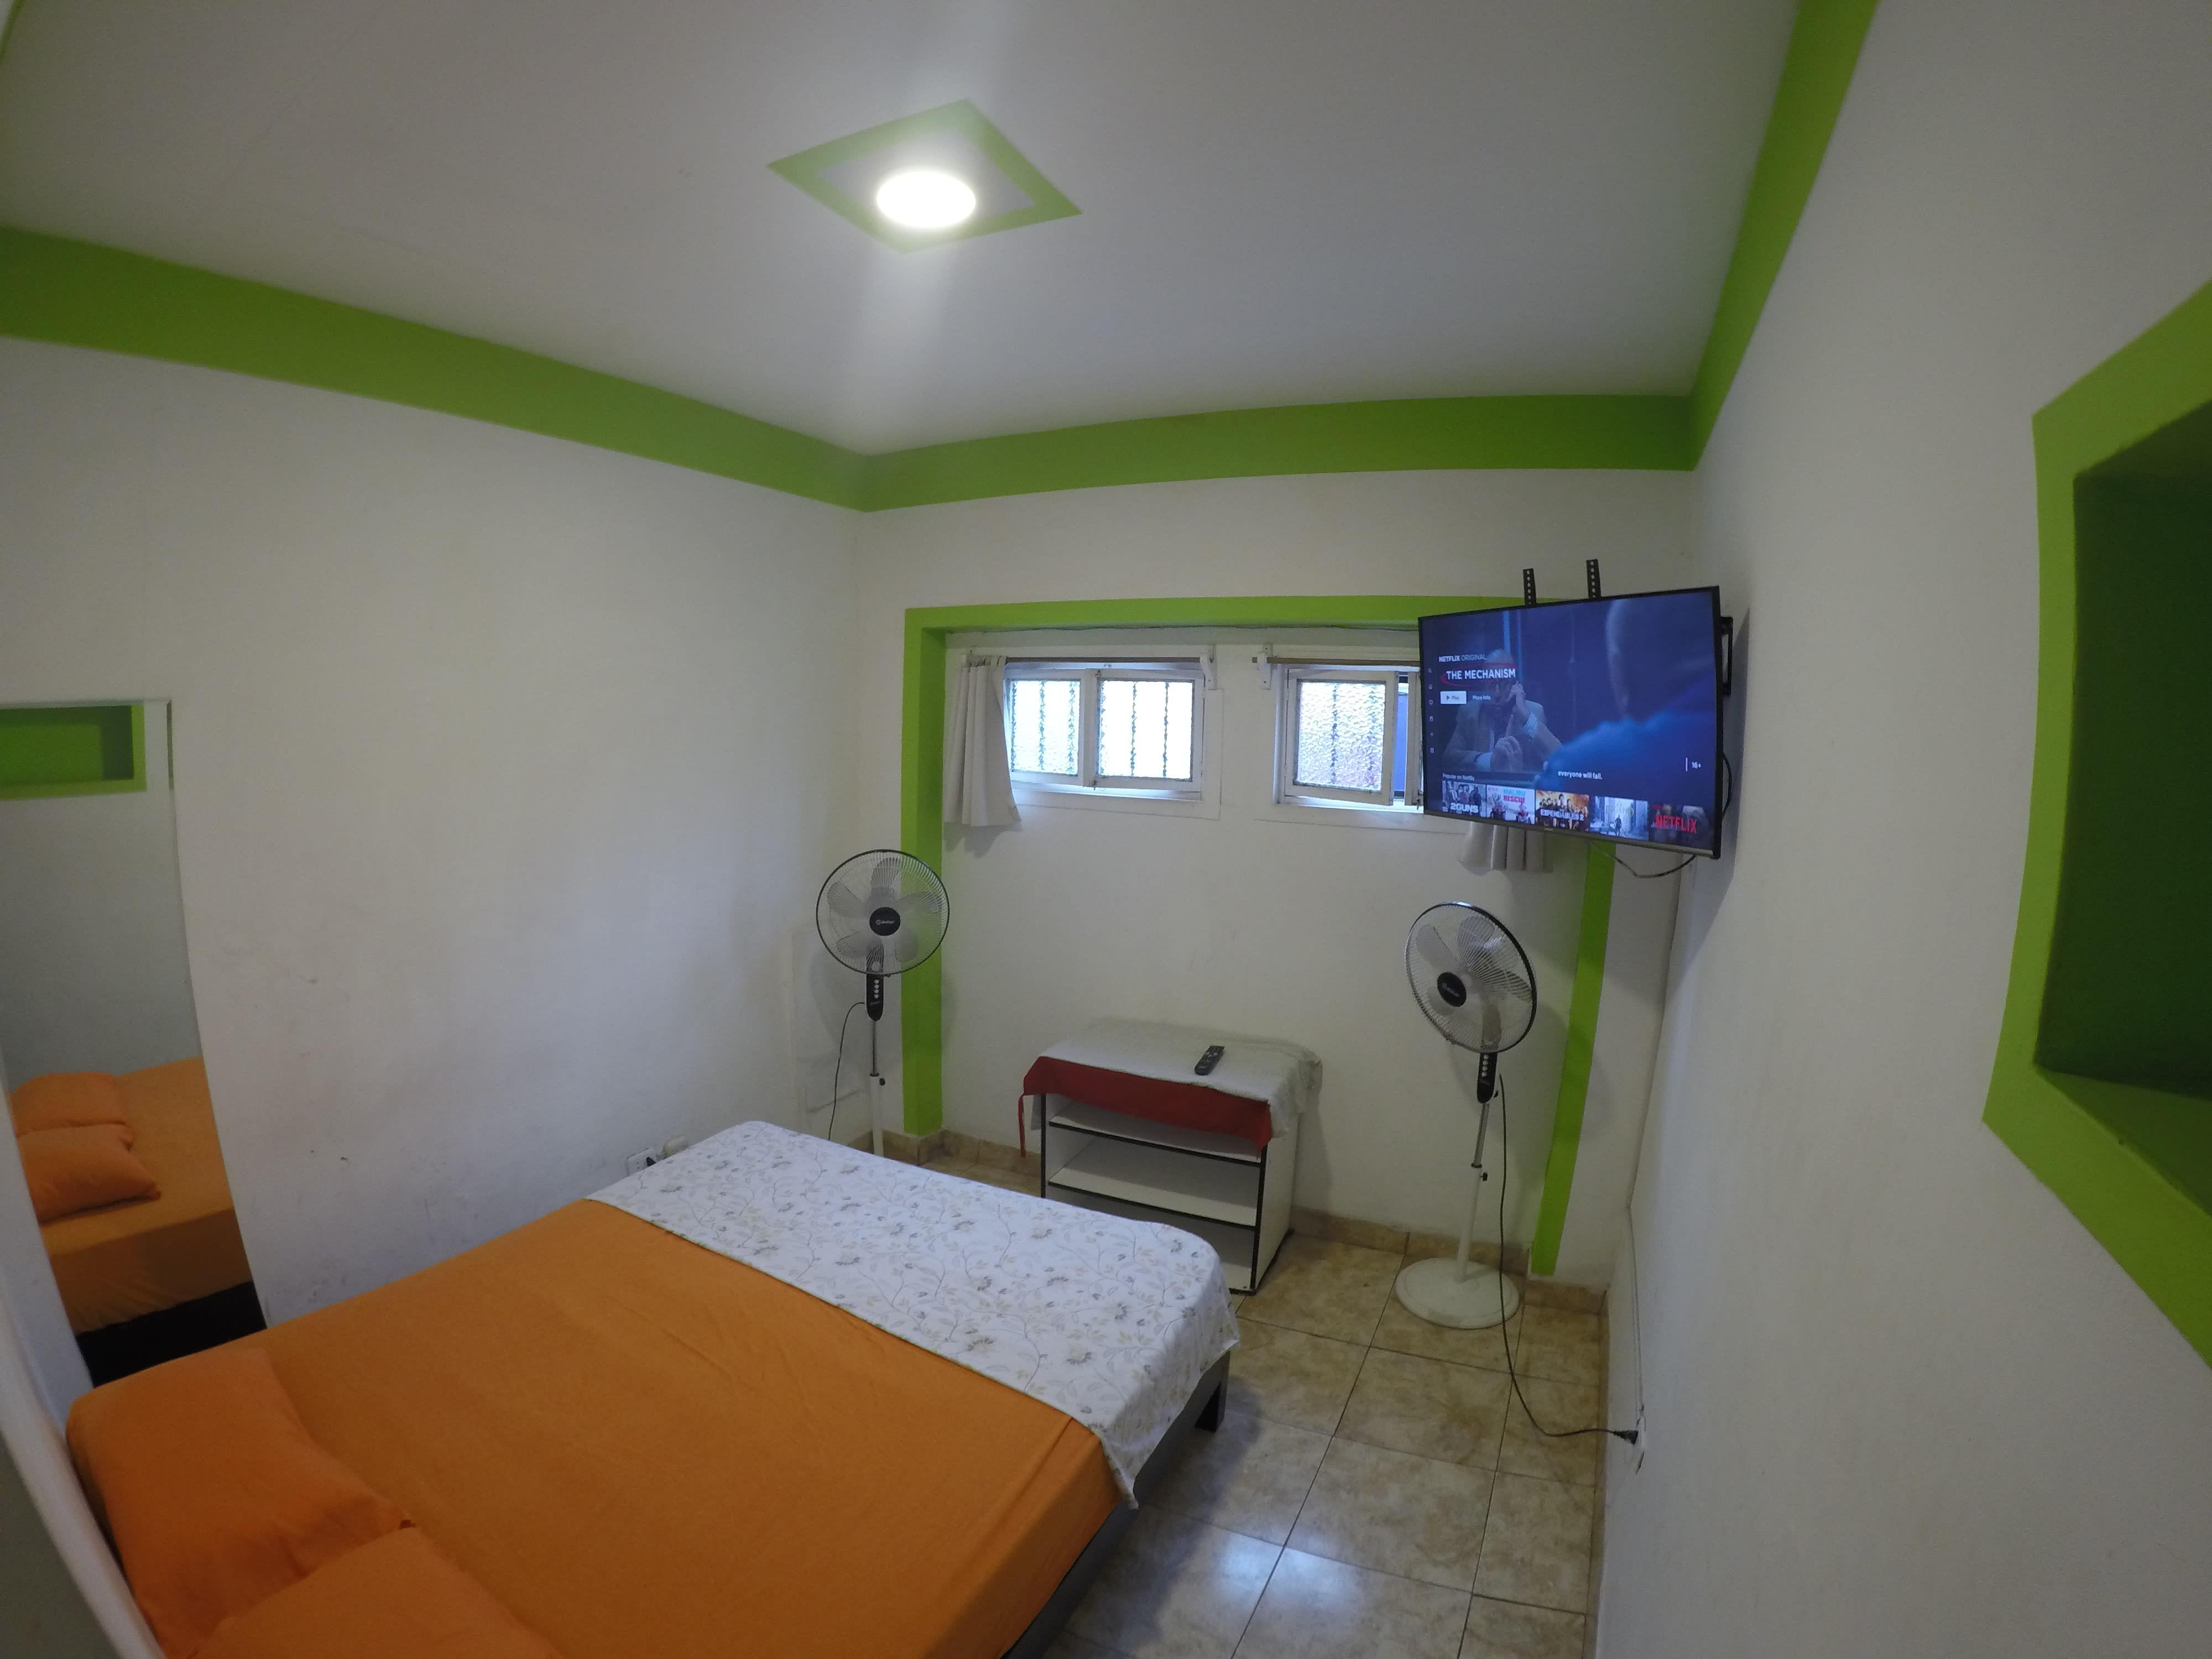 HOSTEL - Hostelima